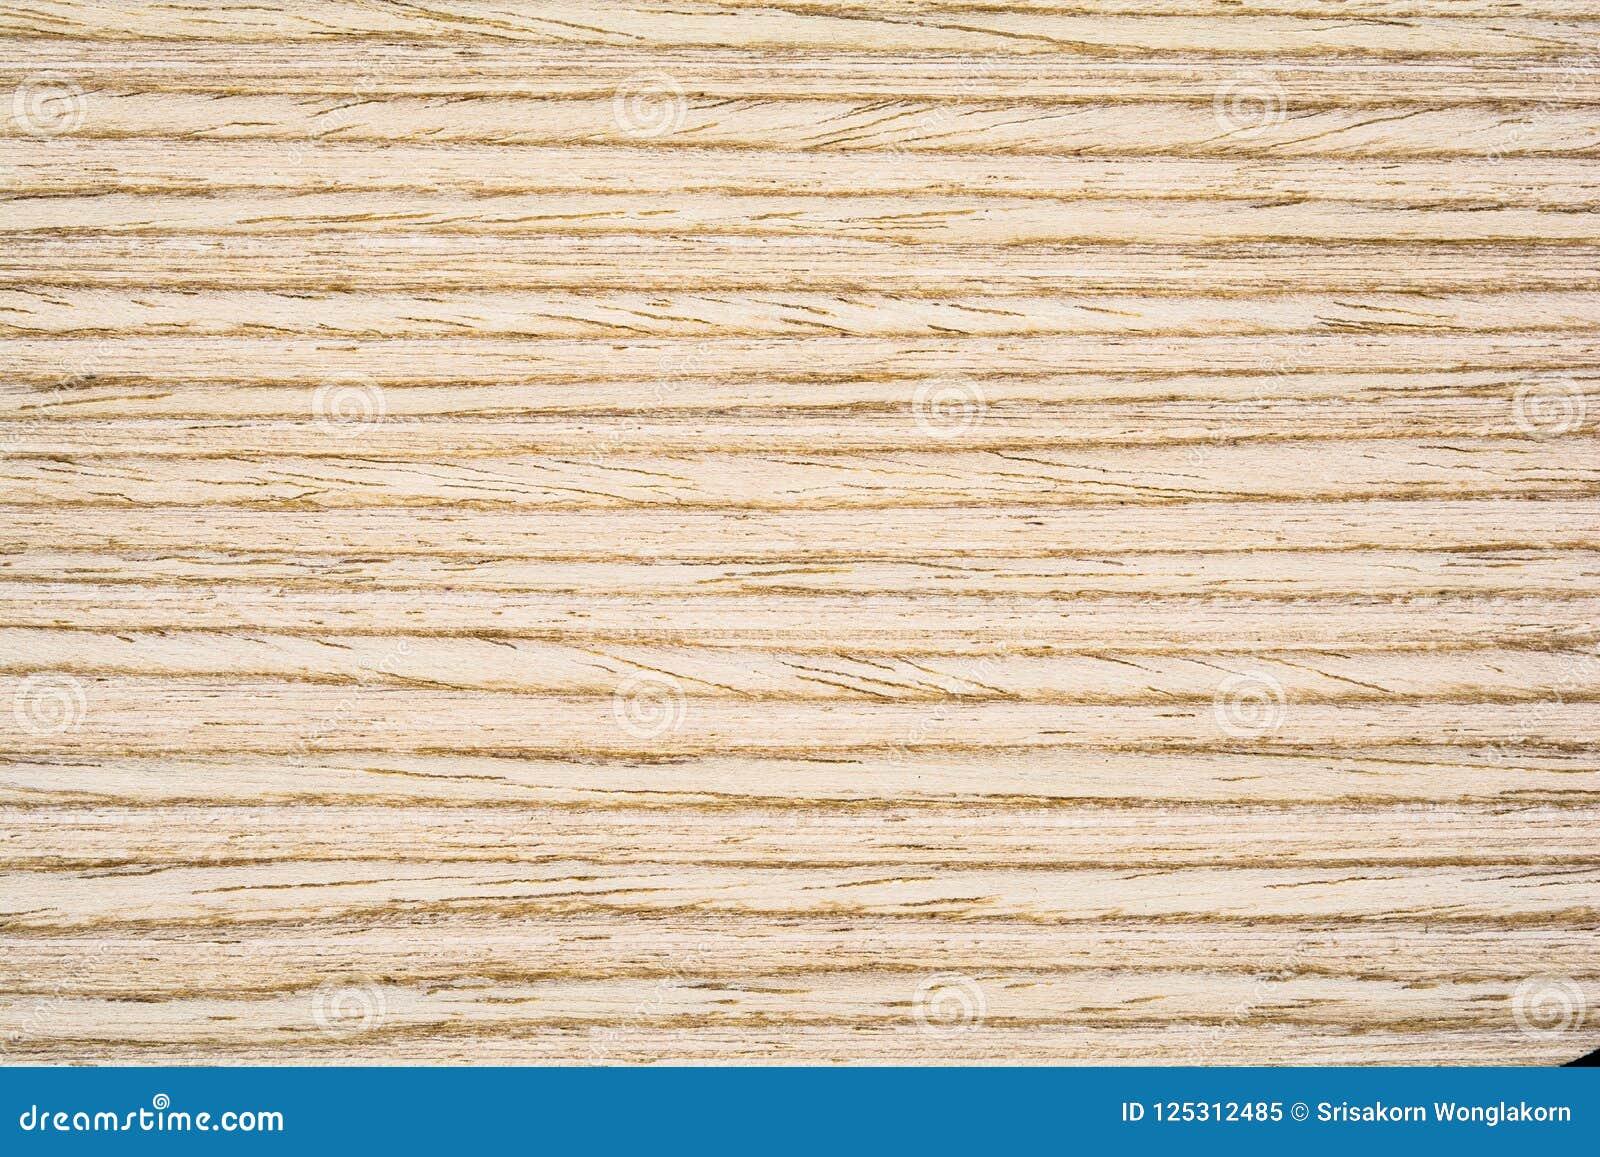 Suelo de madera del entarimado de madera de la textura y del desván Fondo de madera inconsútil horizontal